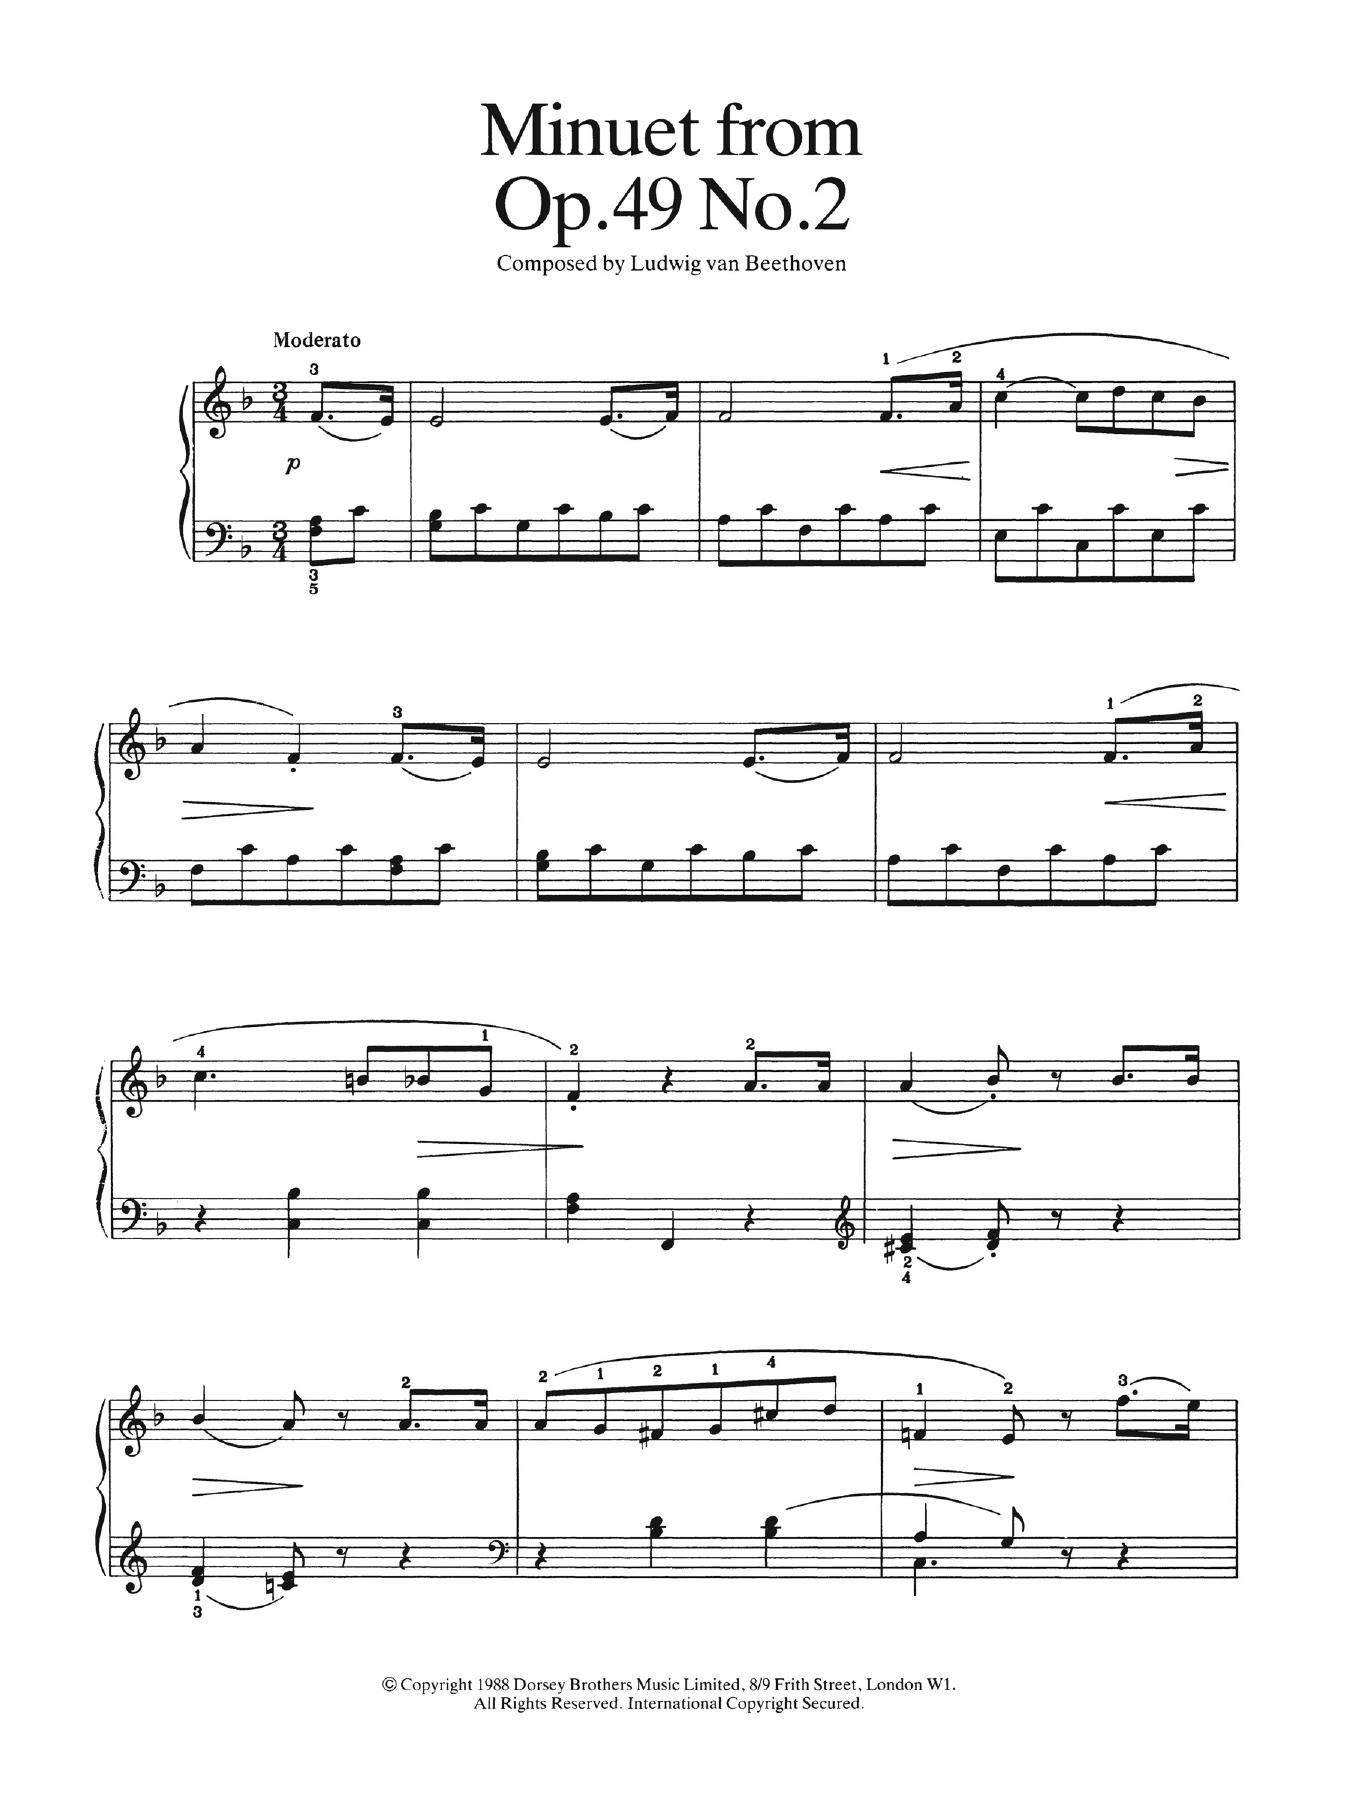 Minuet from Op. 49, No.2 Sheet Music